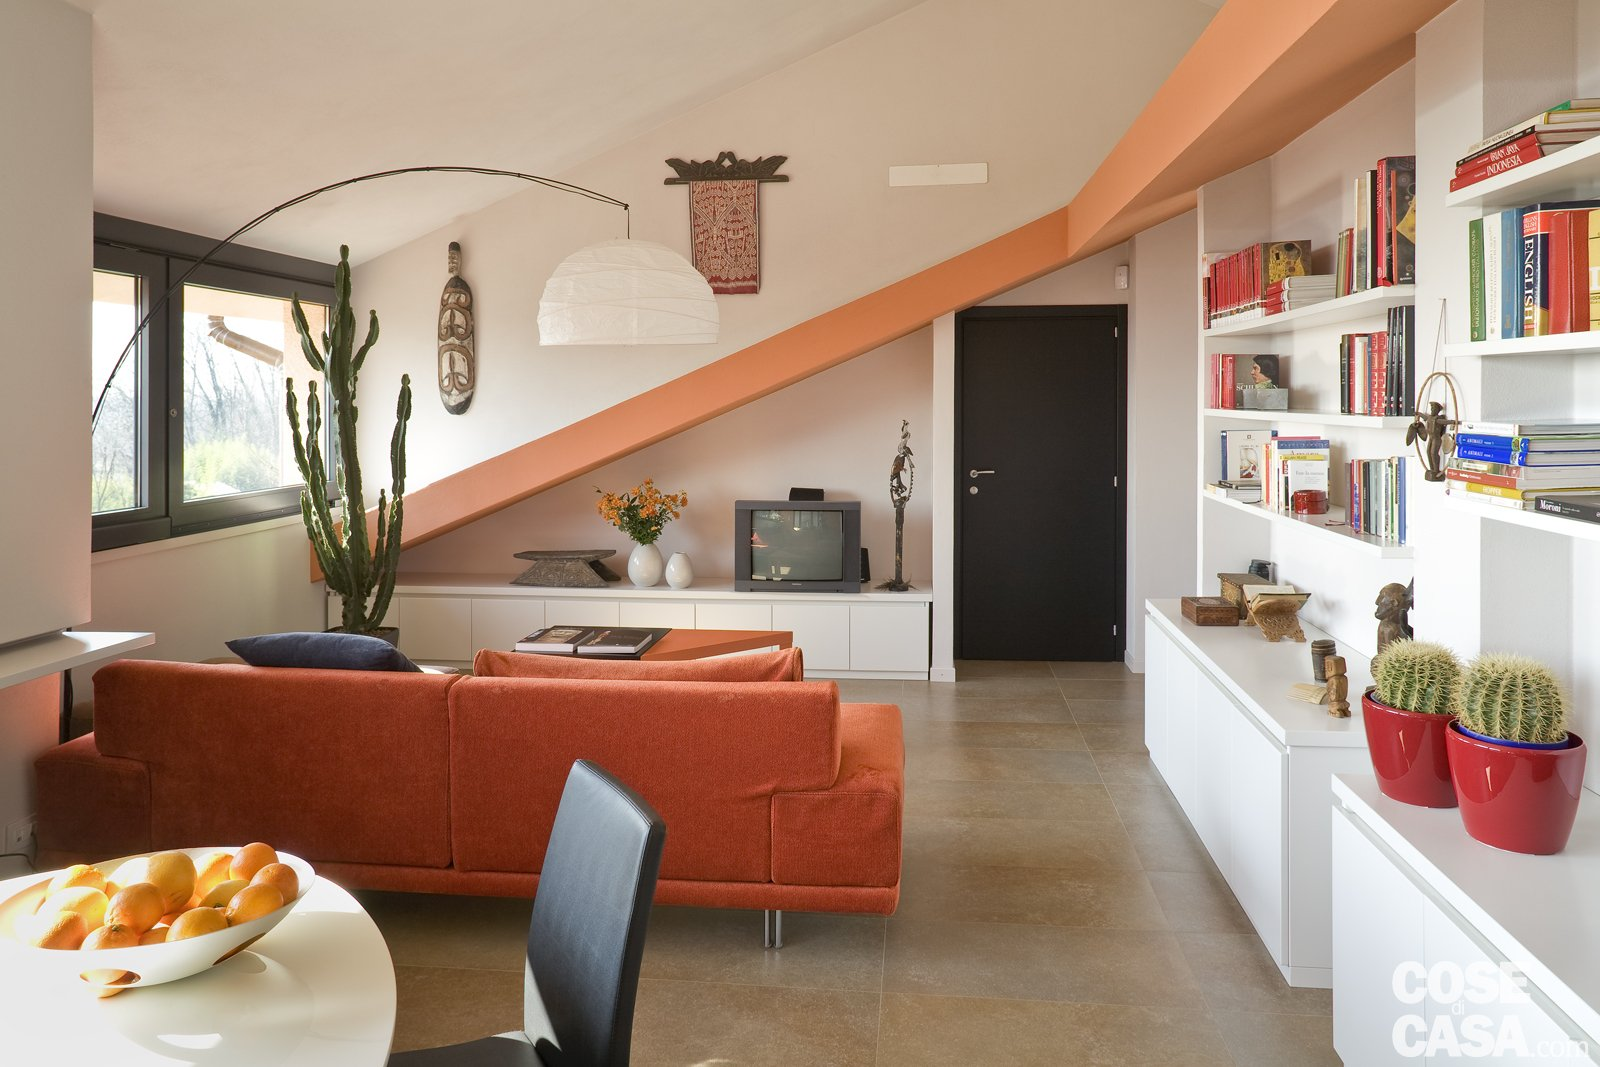 Casa in mansarda. Con le soluzioni giuste per gli spazi ...